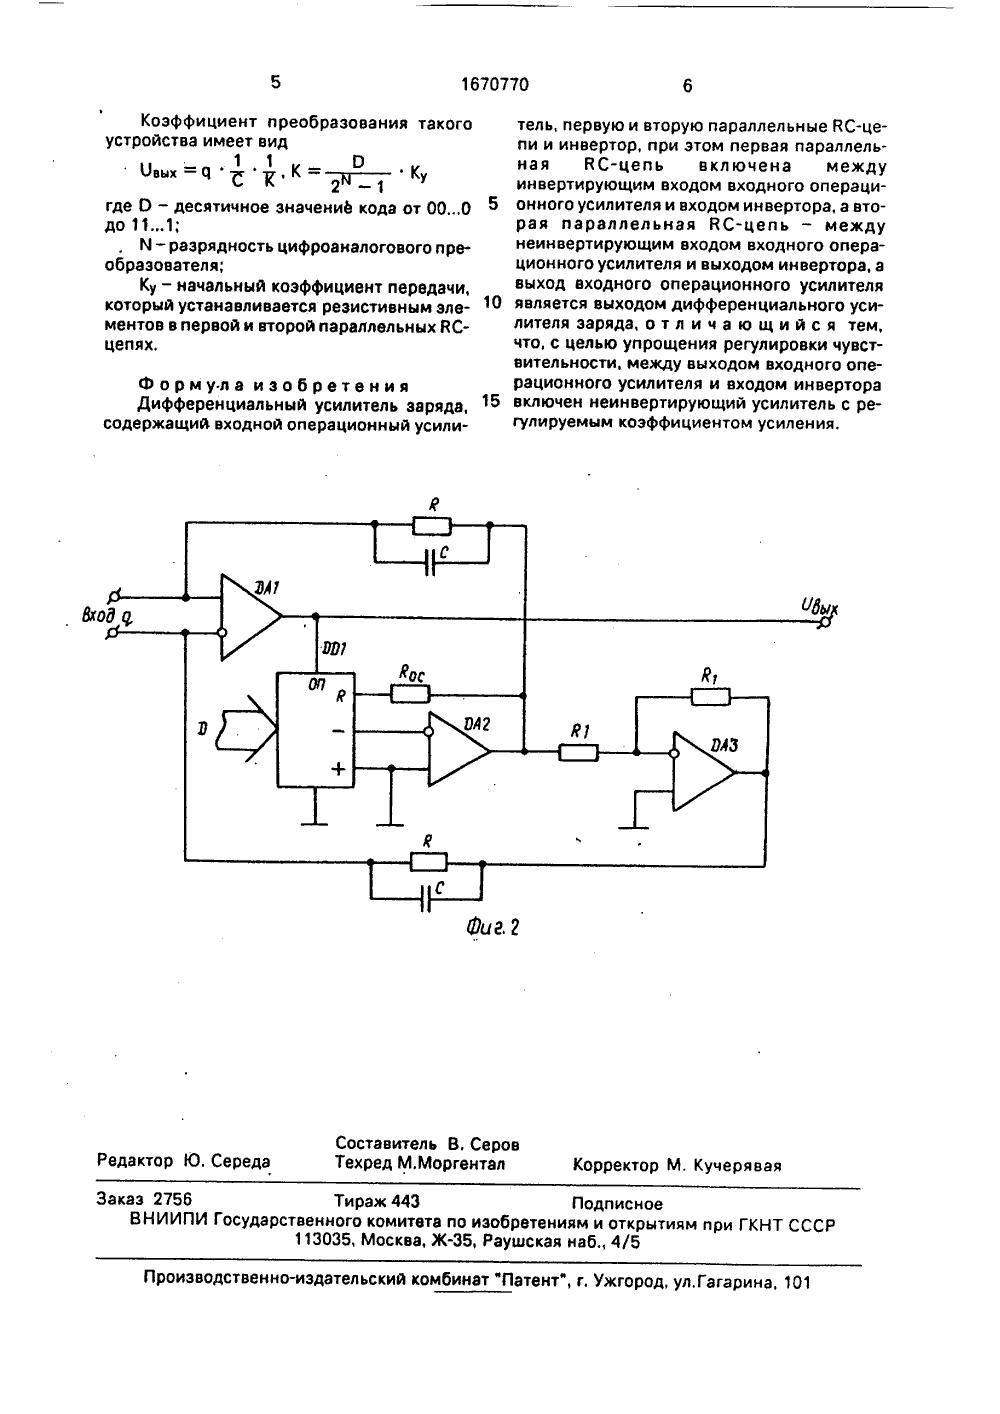 В качестве выходного трансформатора используется дифференциальное включение двух трансформаторов тан73